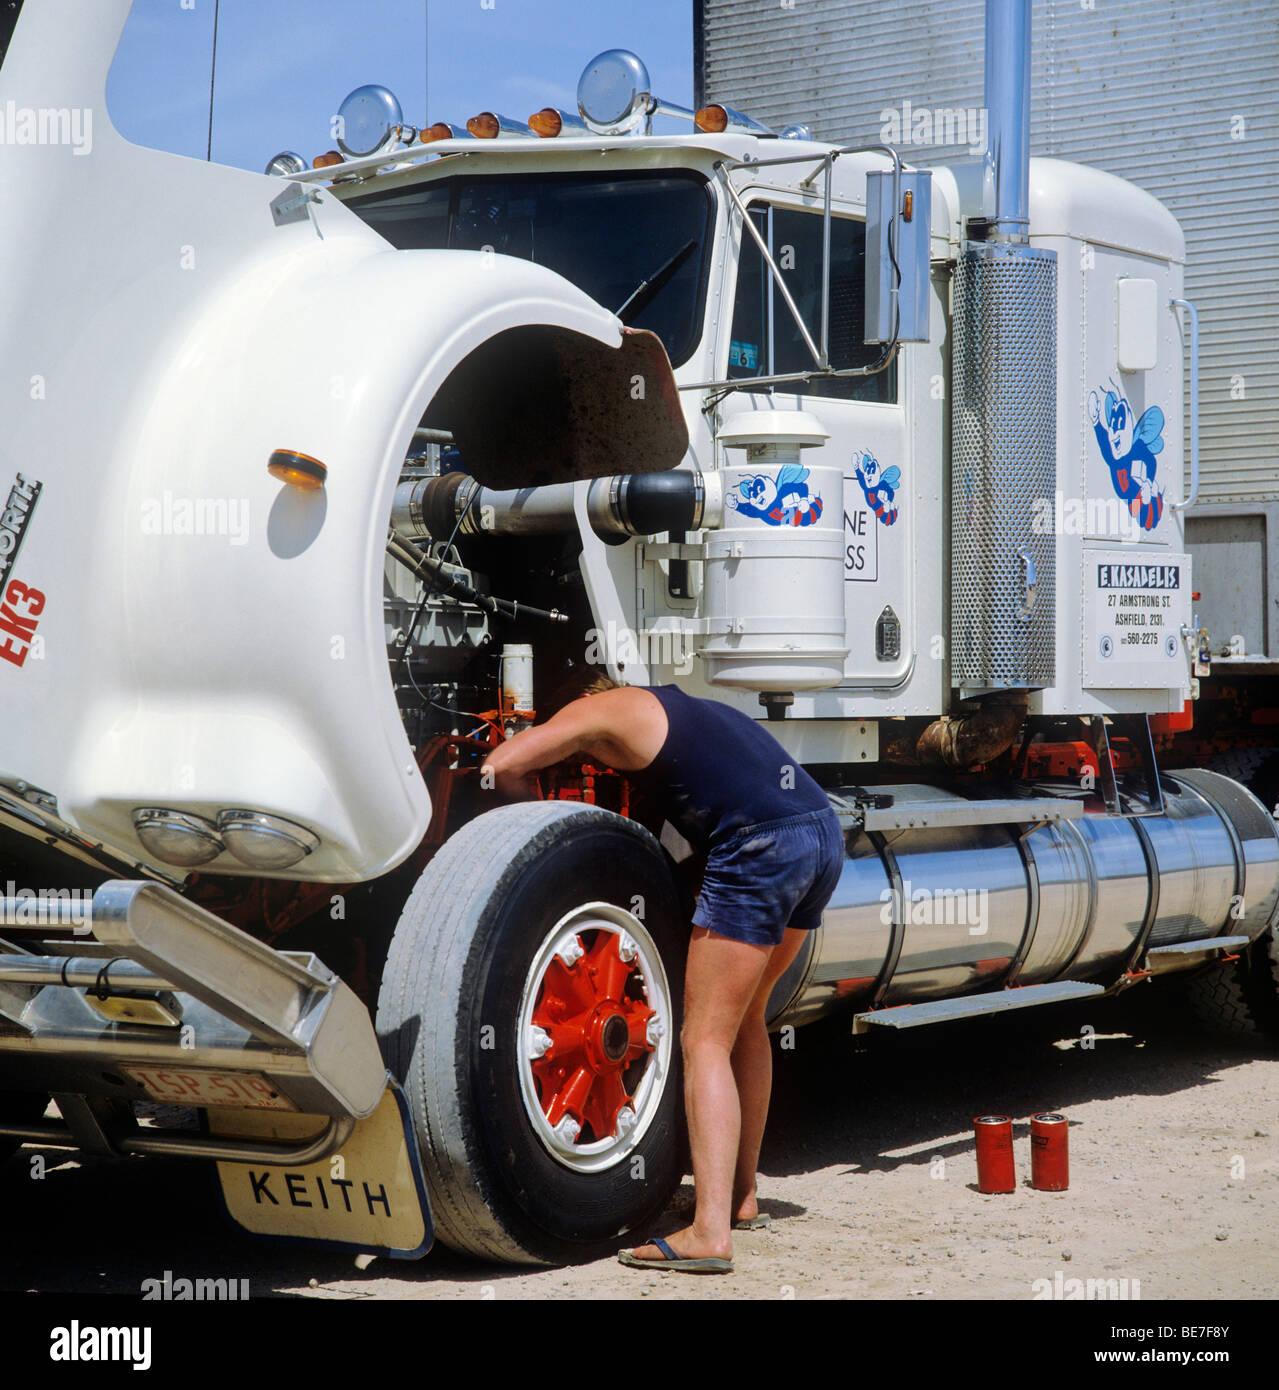 Fahrer, die Reparatur von Dynamo Generator auf LKW - usa Stockbild